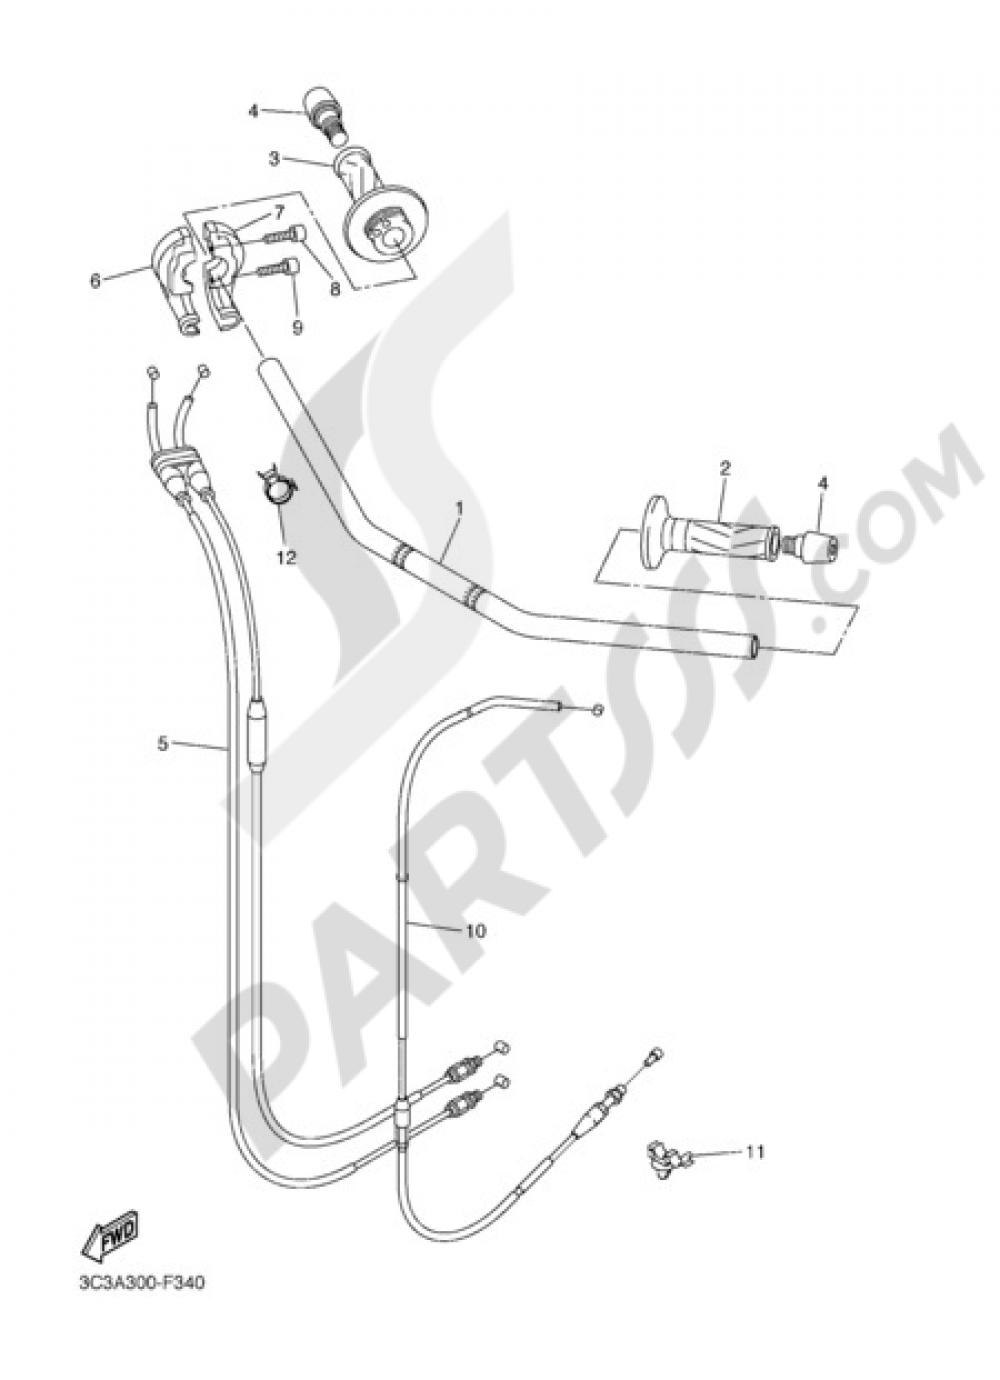 HANDELBAR AND CABLES Yamaha FZ1 Fazer ABS 2009